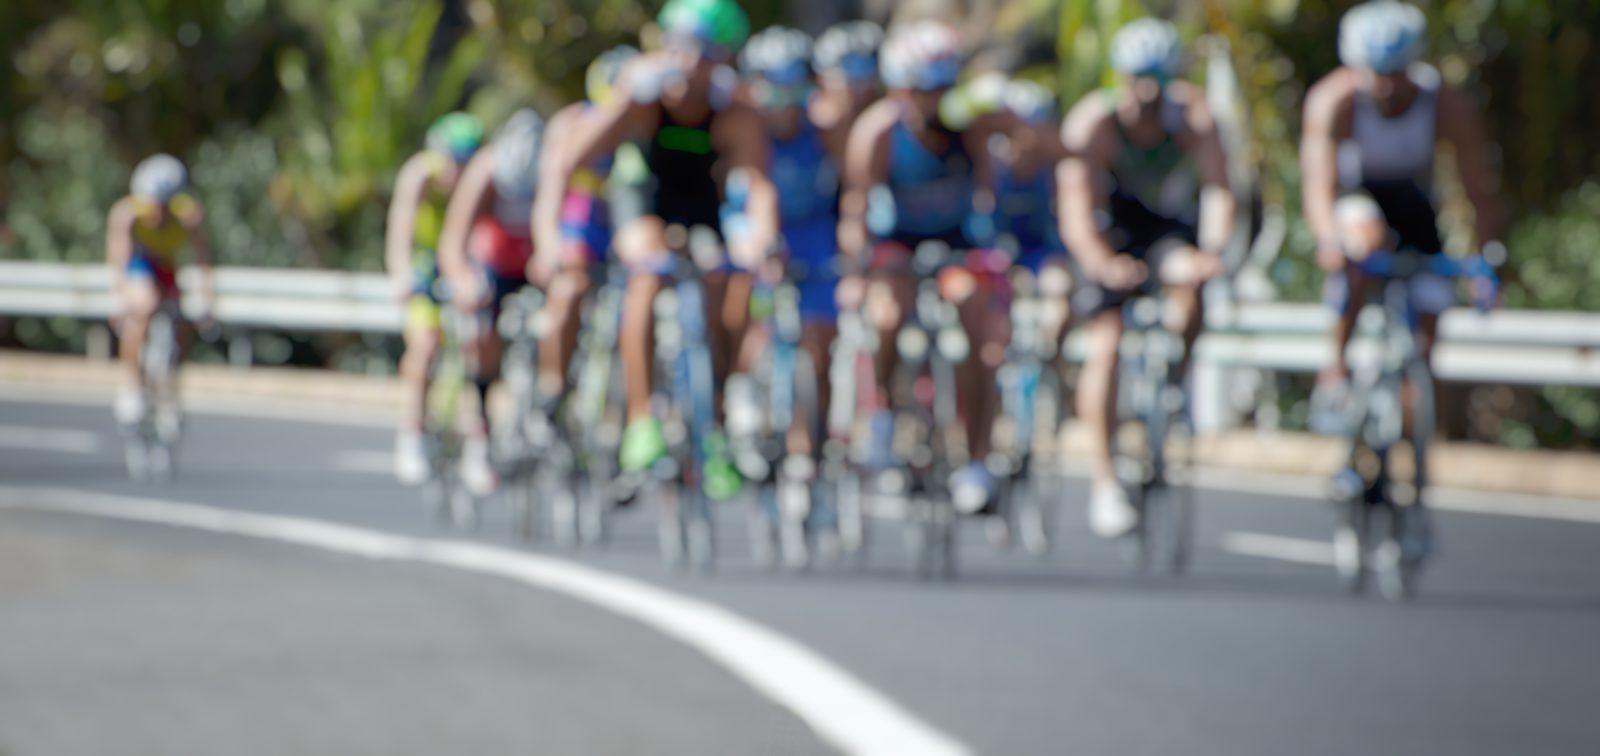 Wielrenwedstrijd 'Vuelta' komt in 2020 naar Nederland!